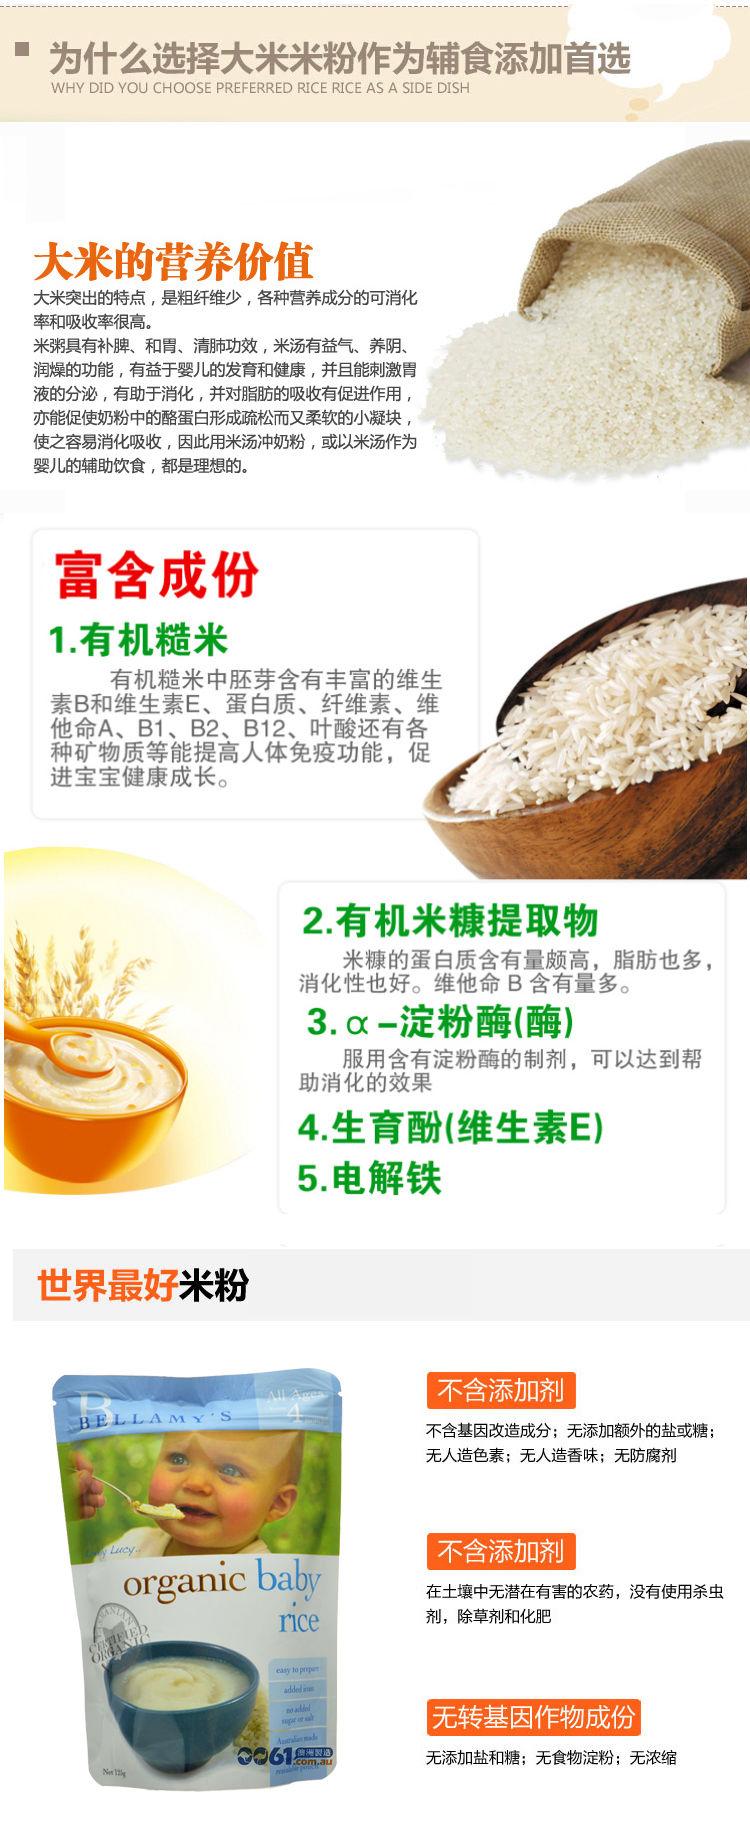 宝宝米粉什么牌子好 - 贝拉米,大米米粉作为辅食添加的首选  不含添加剂  无转基因作物成份